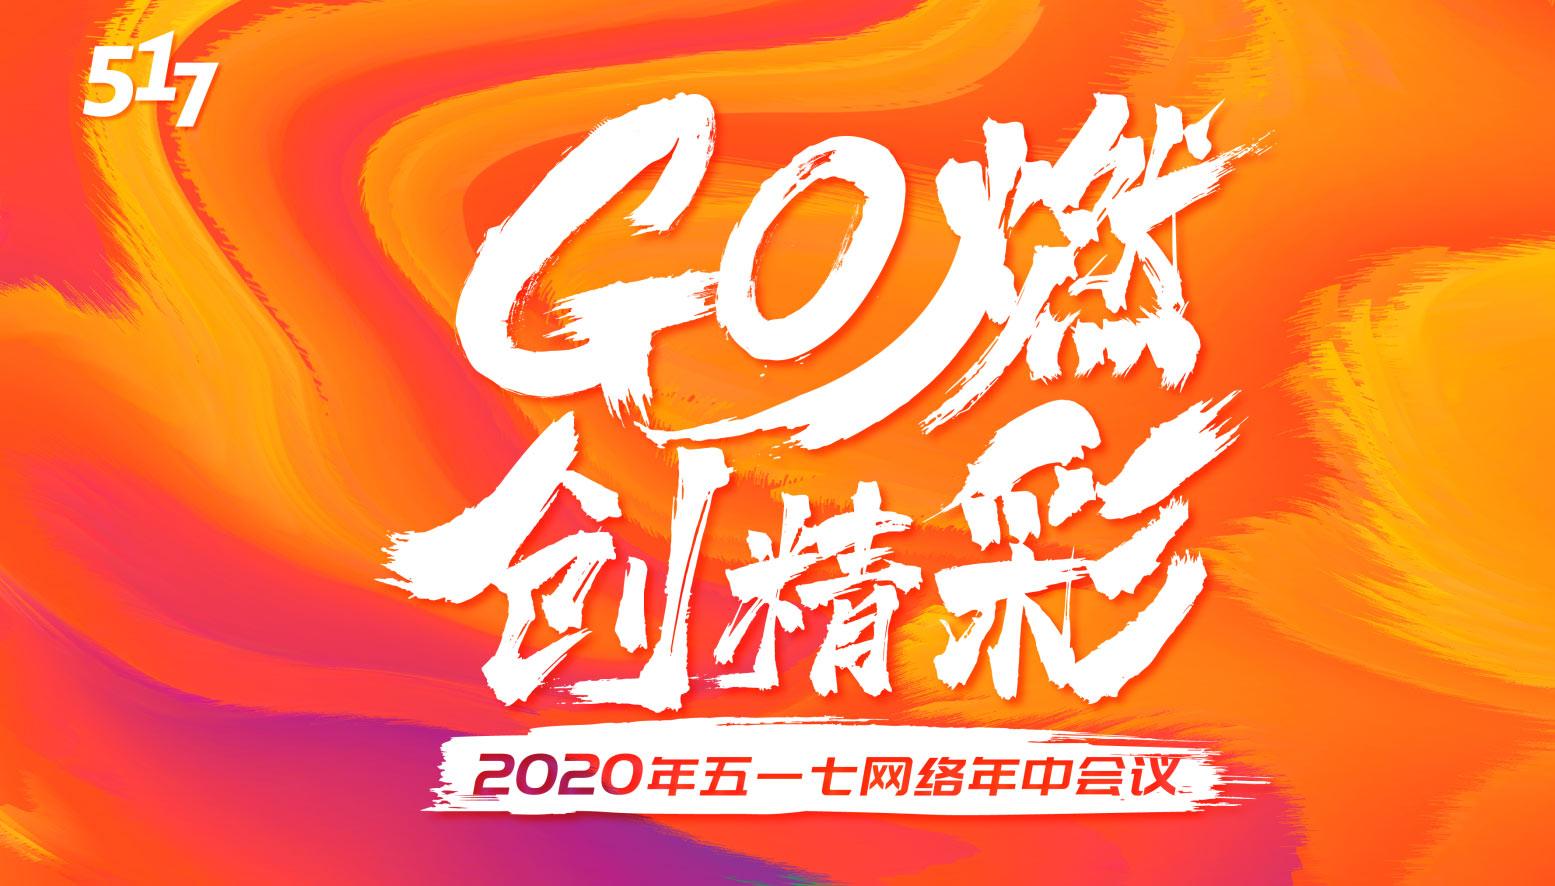 GO燃创精彩-2020五一七网络年中总结大会圆满落幕